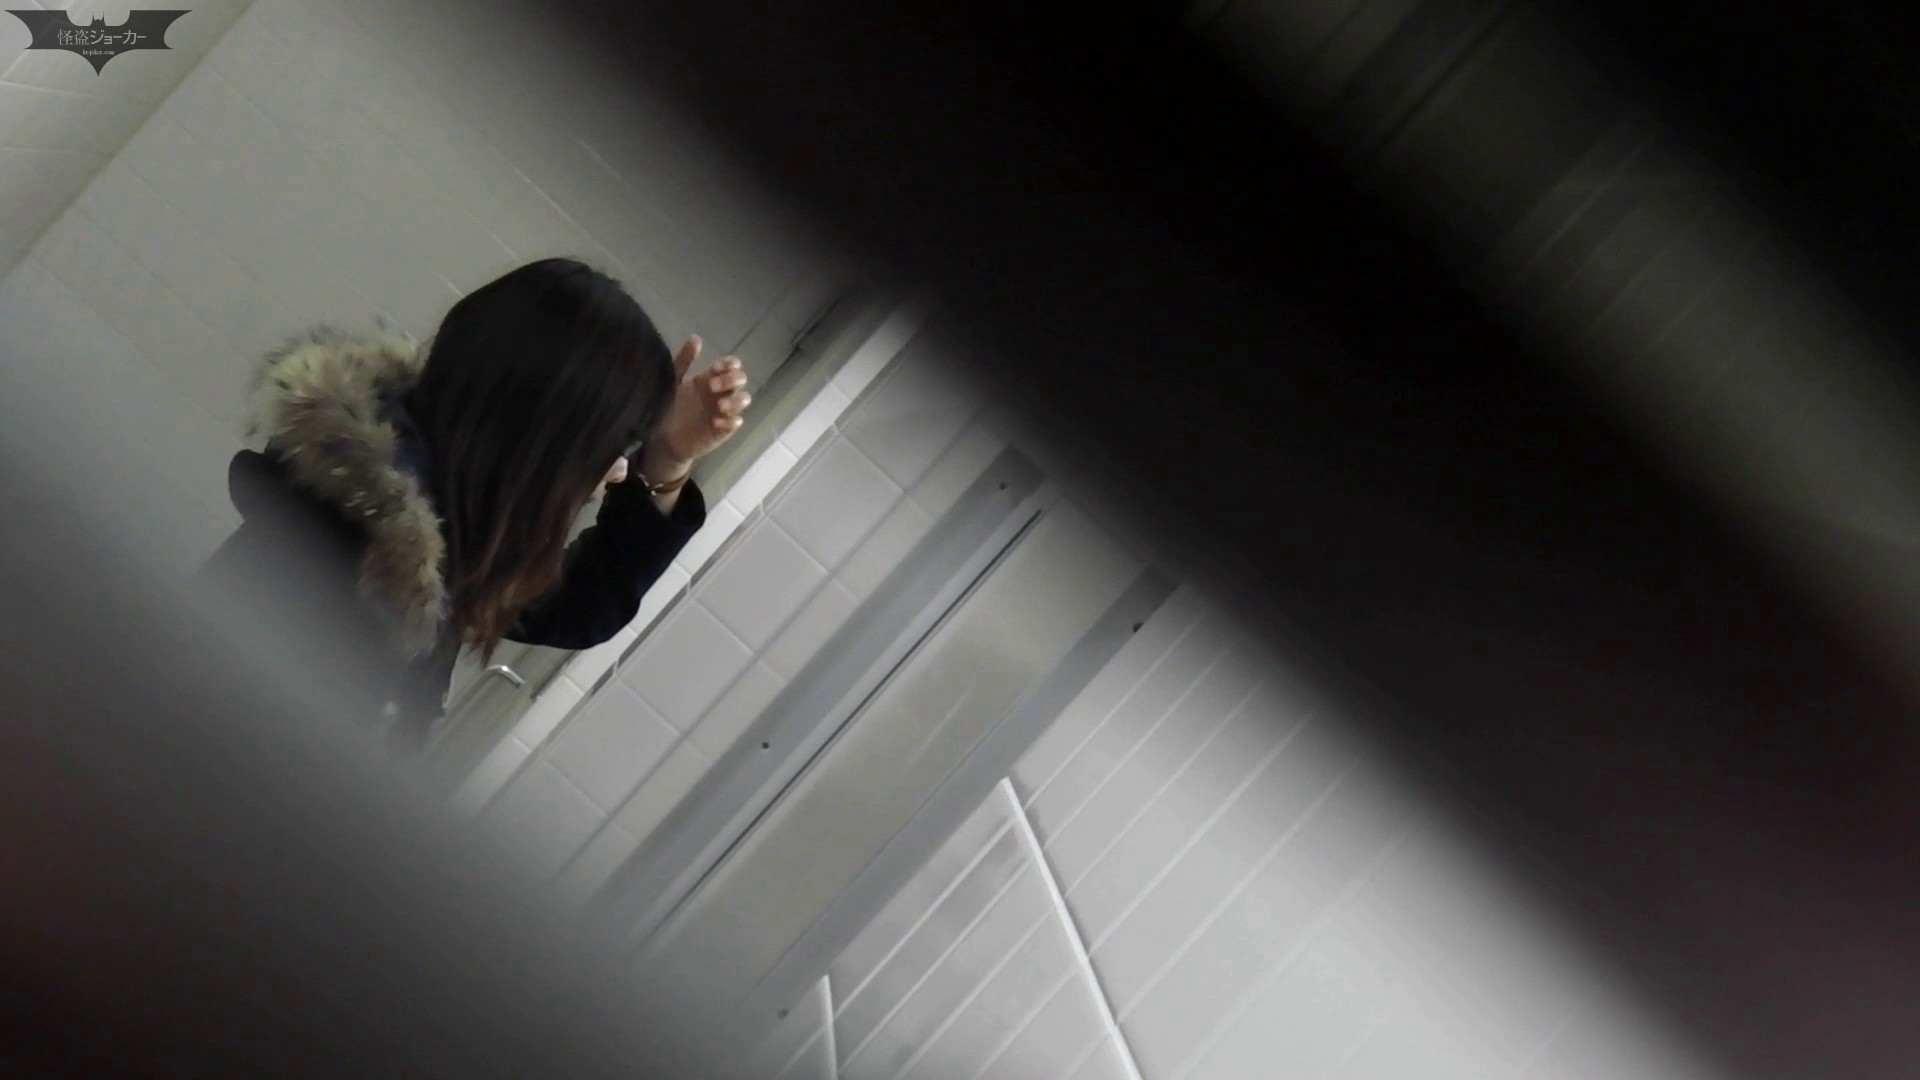 お銀さん vol.58 モデル級?「いやモデルだね!」な美女登場! 洗面所 覗きオメコ動画キャプチャ 63pic 47